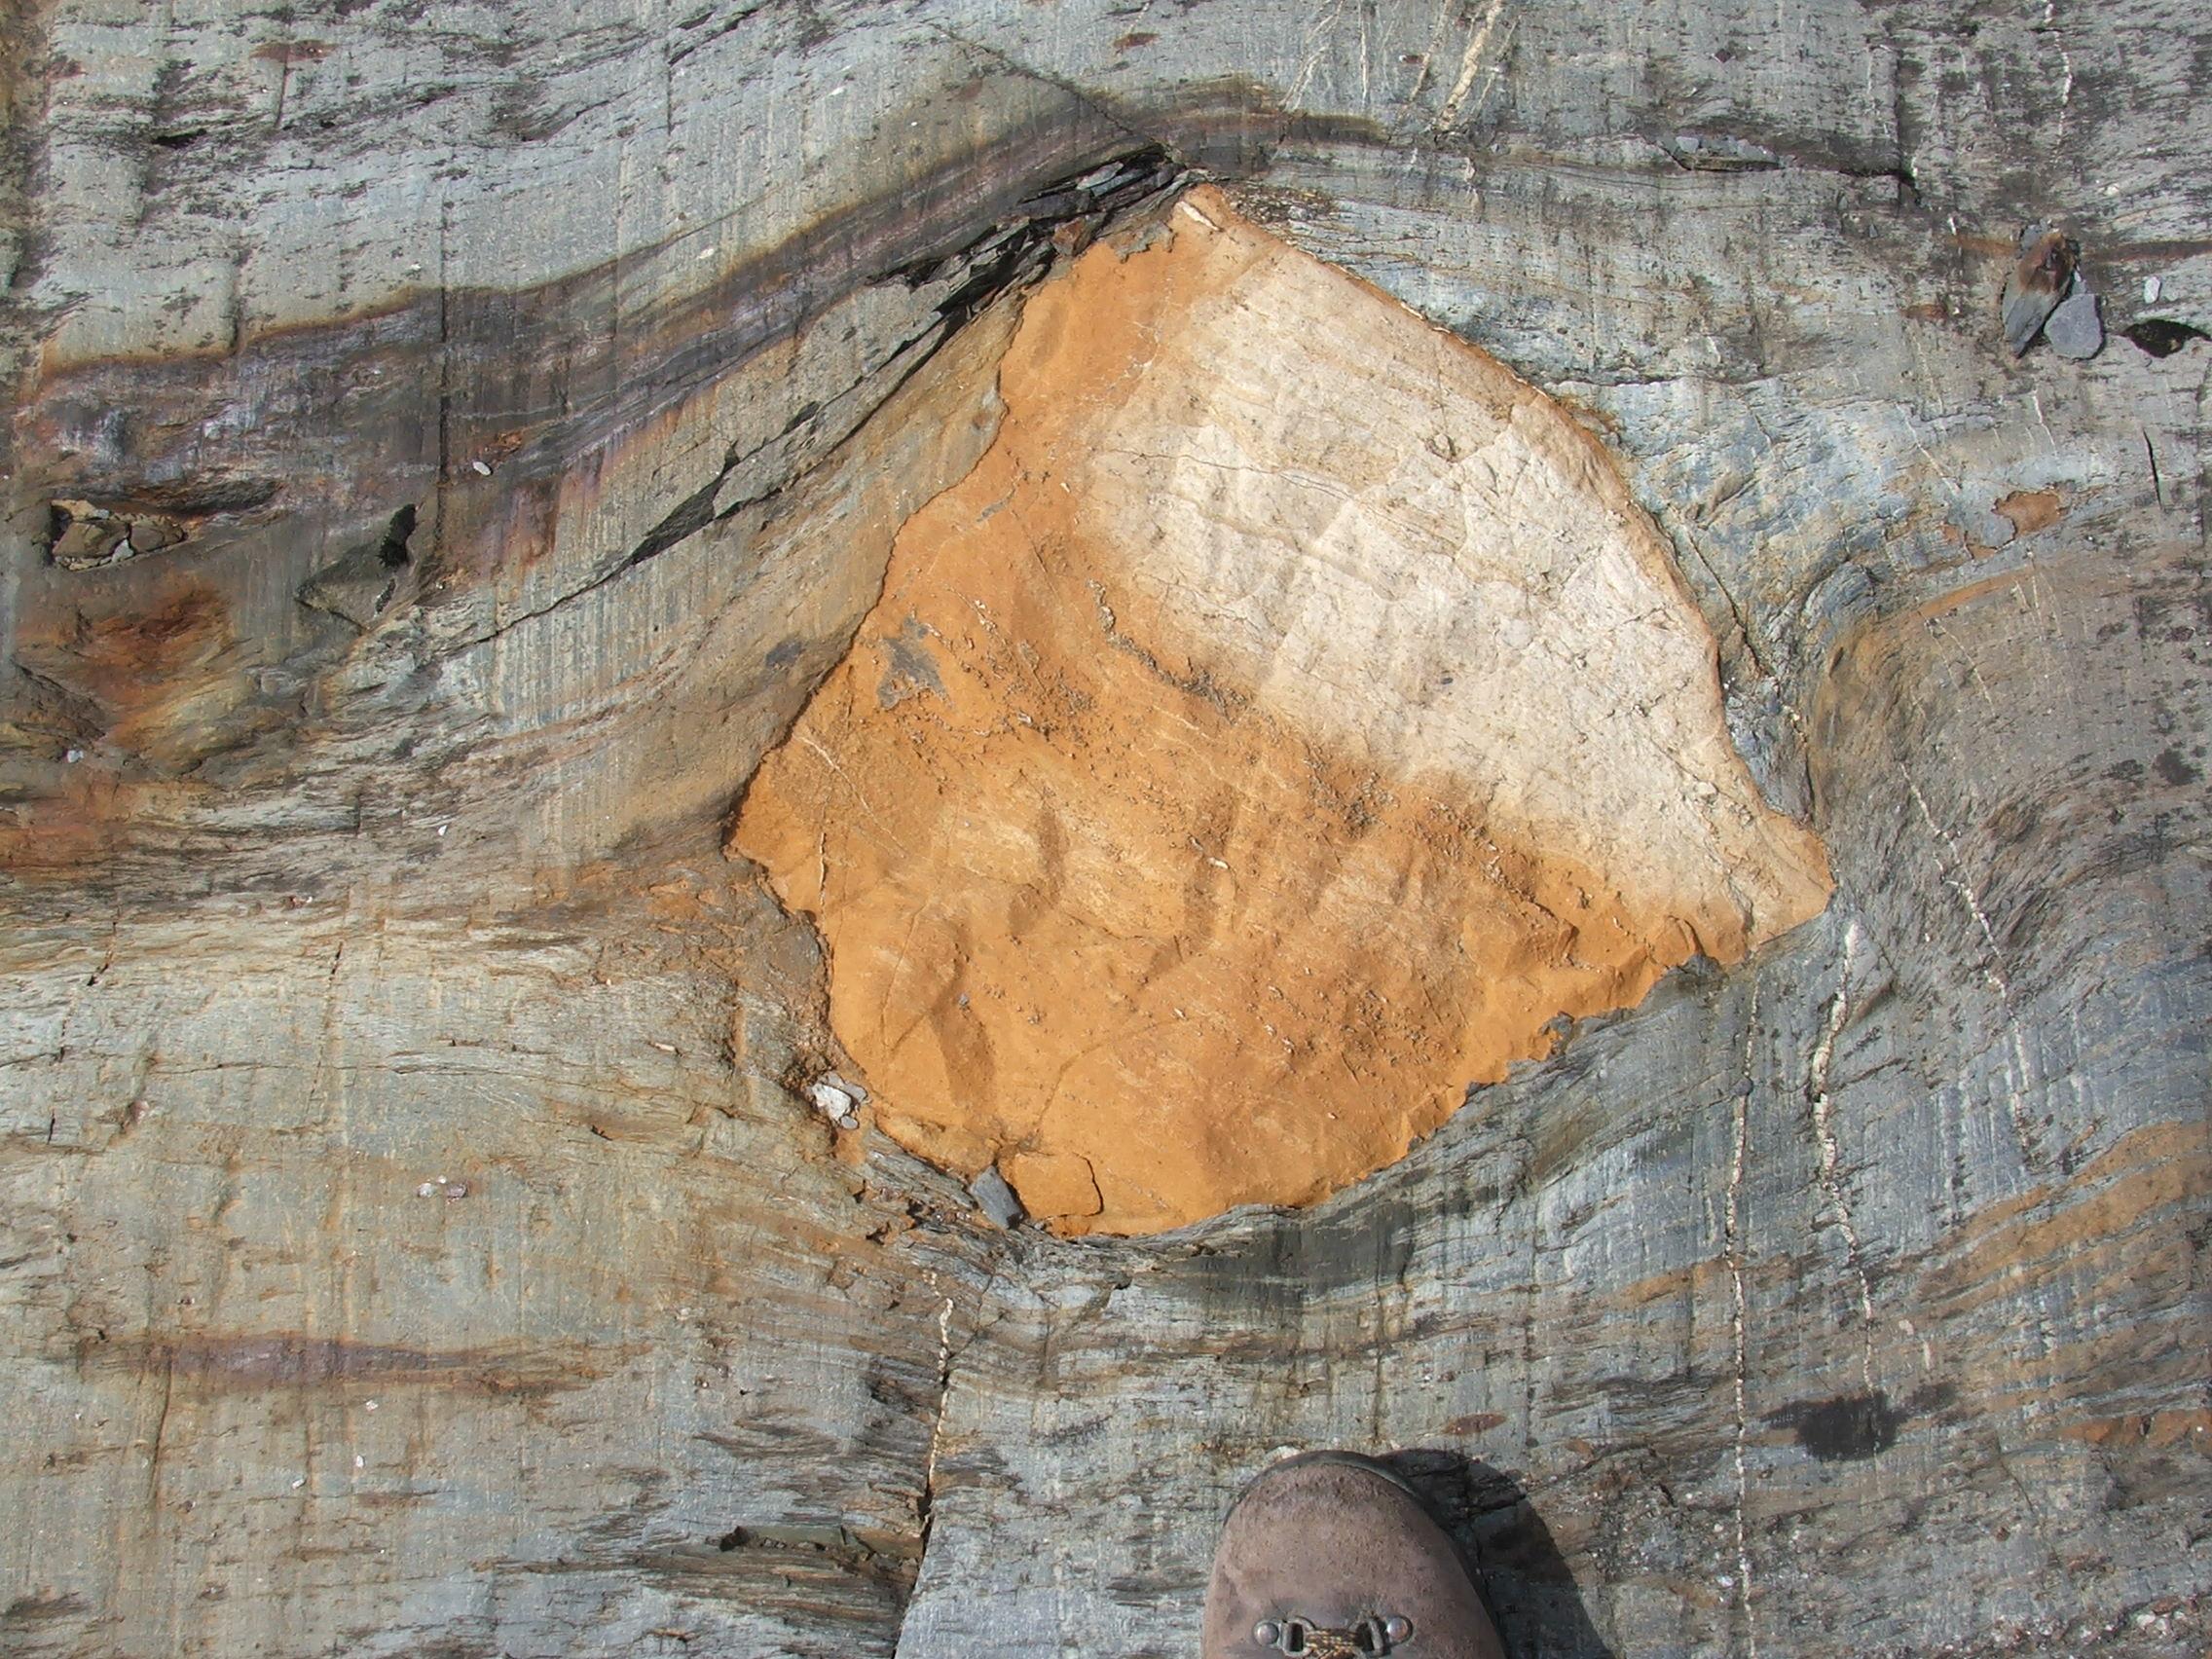 Clast of laminated carbonate in turbidite succession (© 2008 clasticdetritus.com)